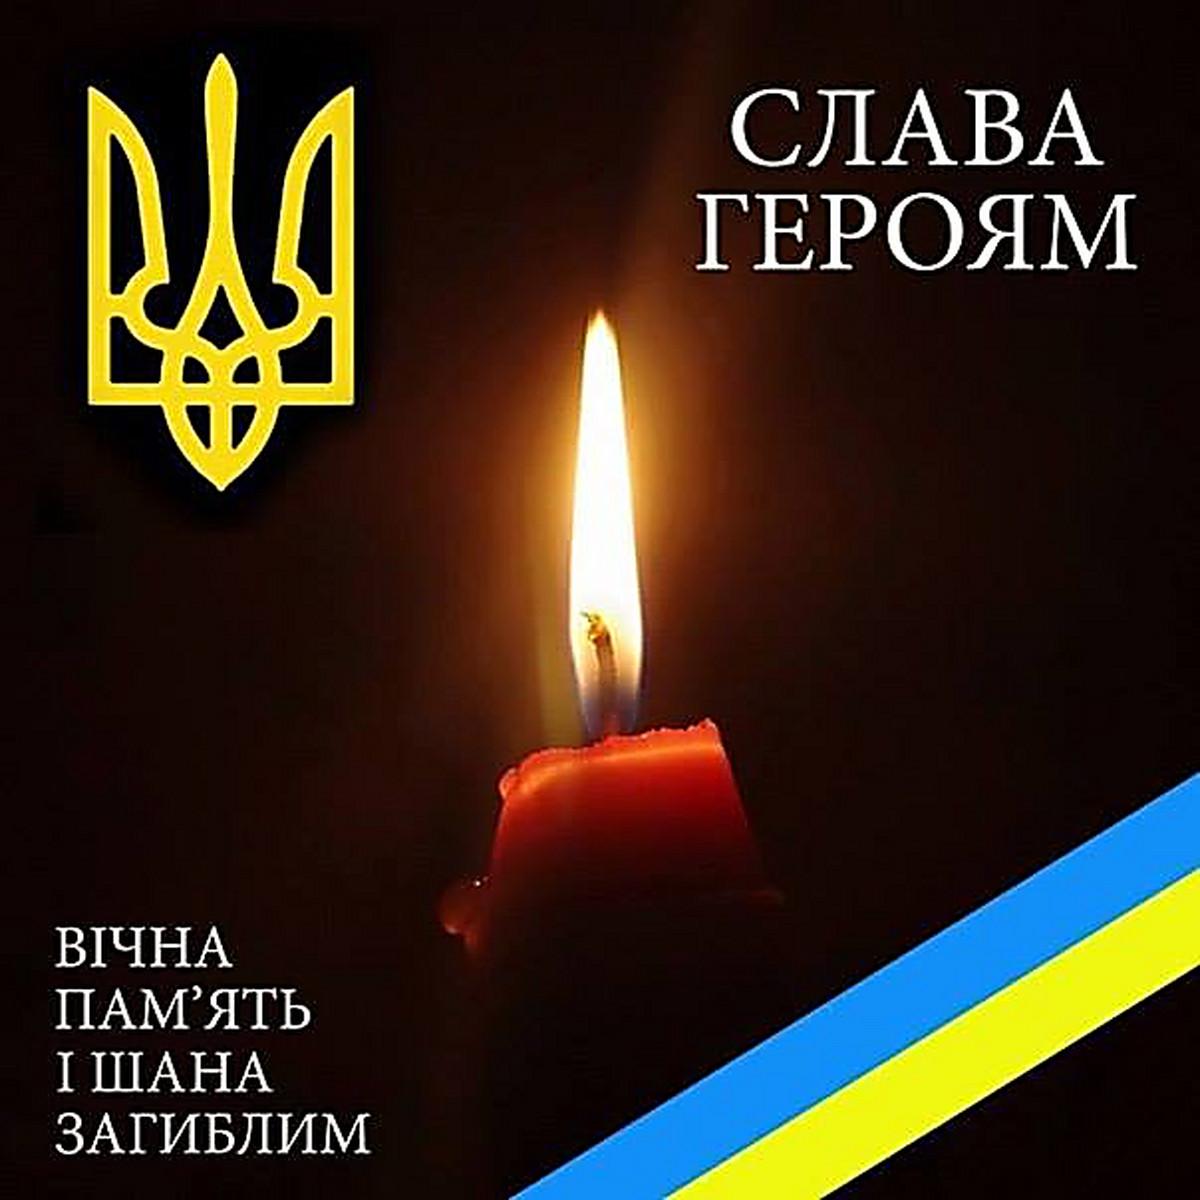 Украина попрощалась с одним из лучших снайперов Юрием Луговским (Барретом), - Бутусов - Цензор.НЕТ 3573